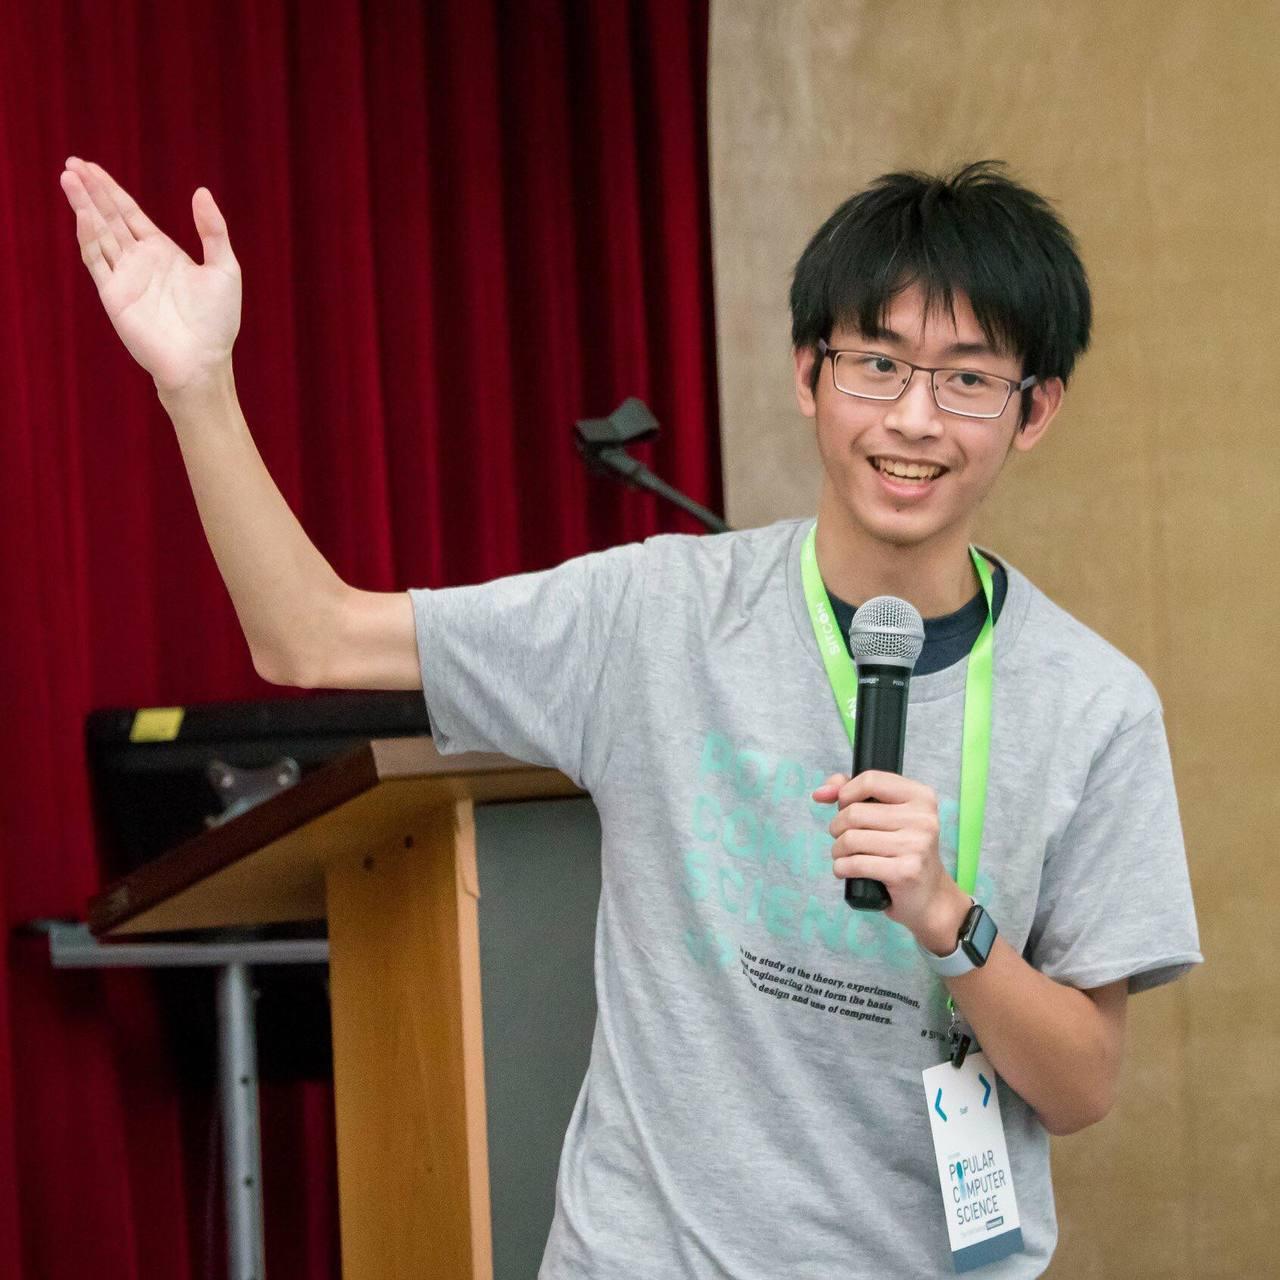 今年19歲的尤理衡,是個程式天才,6月剛從高雄美國學校畢業,去年已經透過特殊選才...